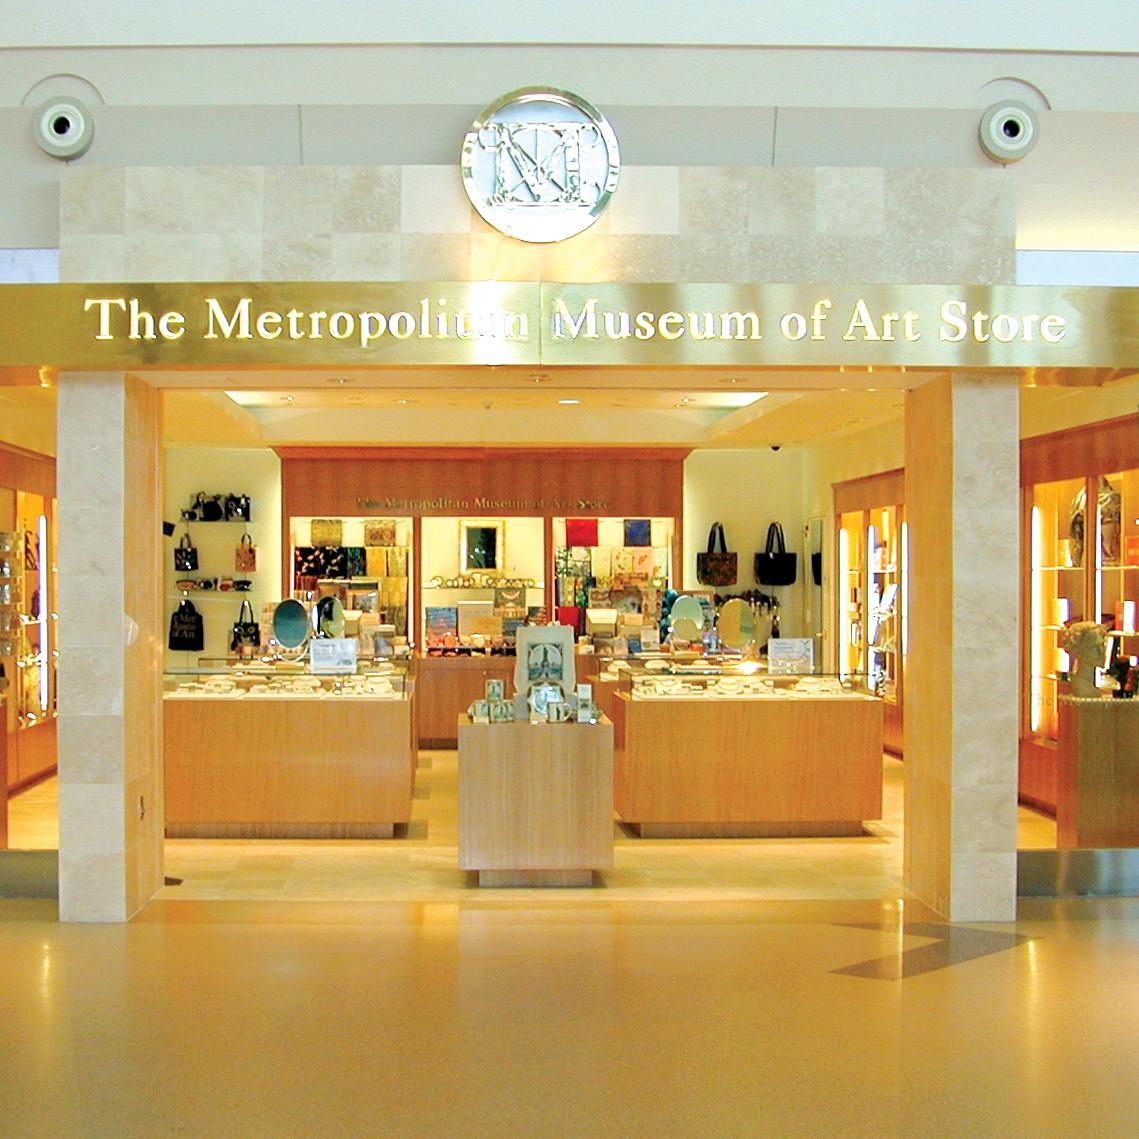 Metropolitan Museum of Art Store